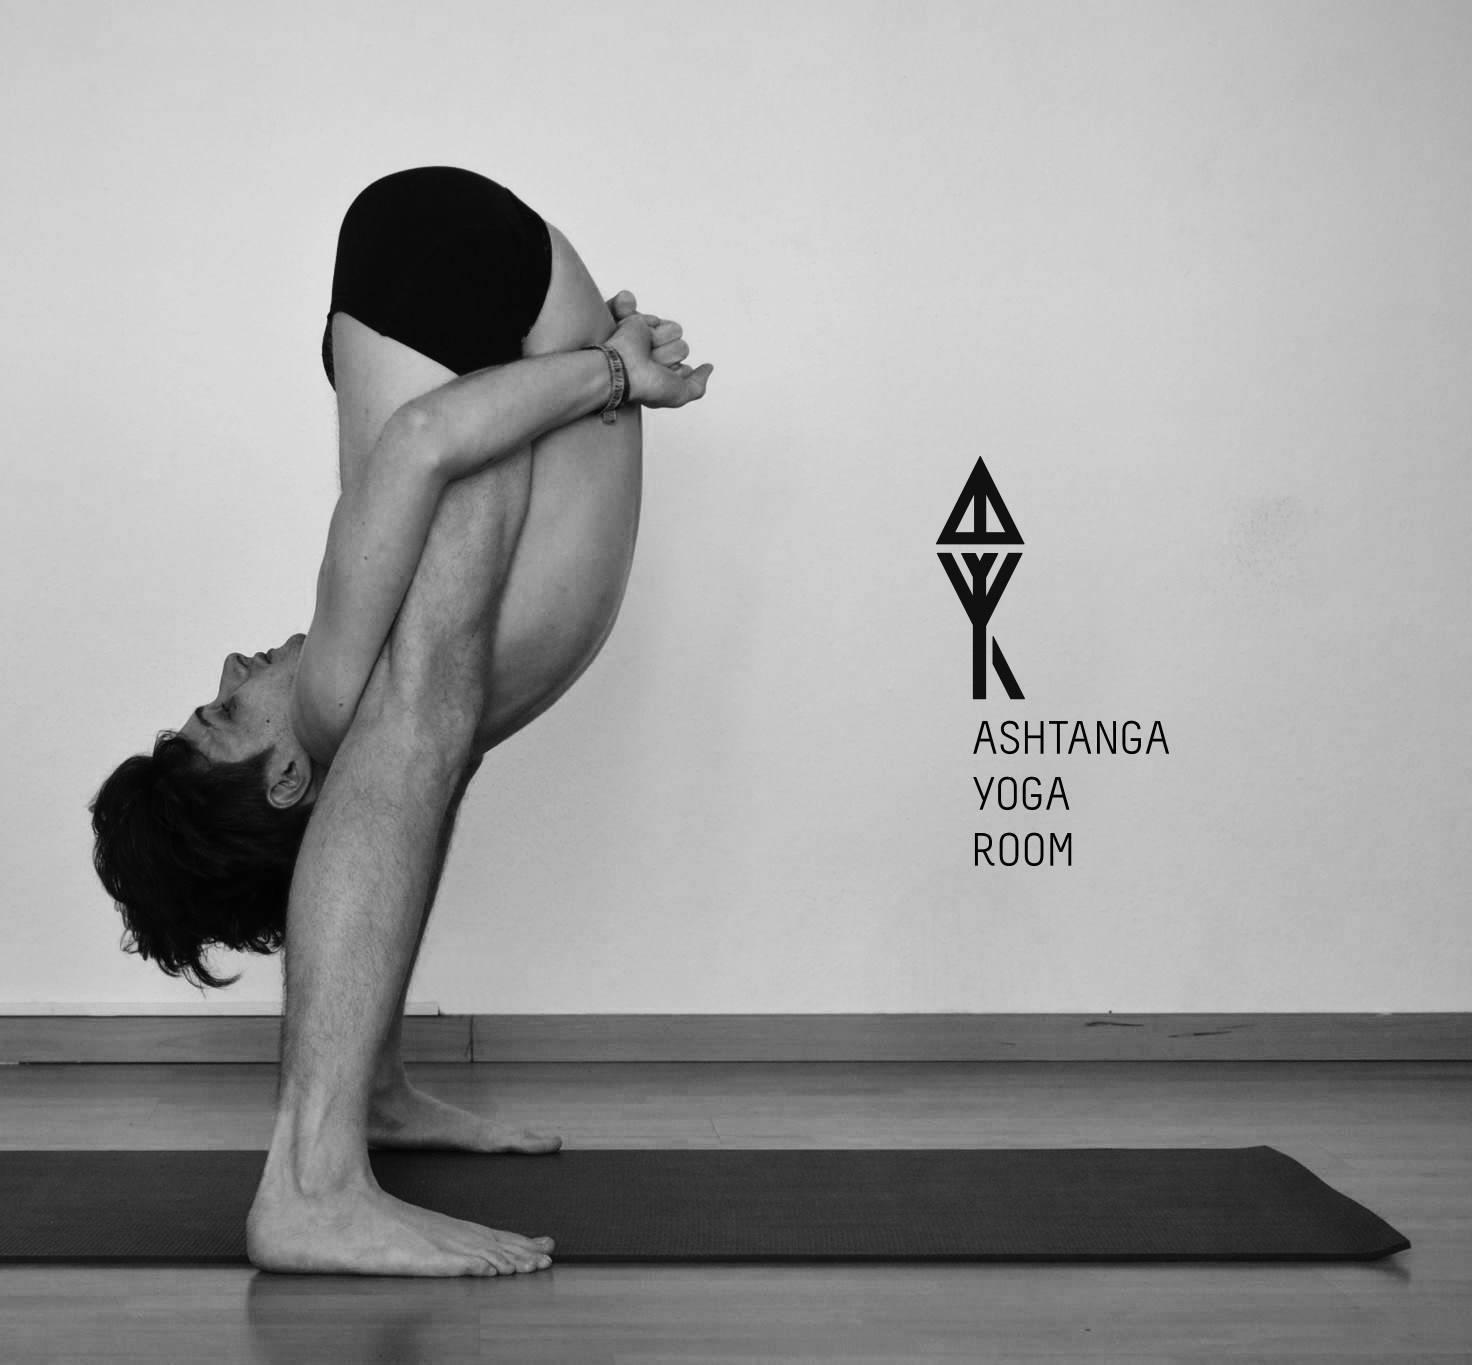 Все особенности и принципы аштанга-виньясы йоги: мощное укрепление тела и духа